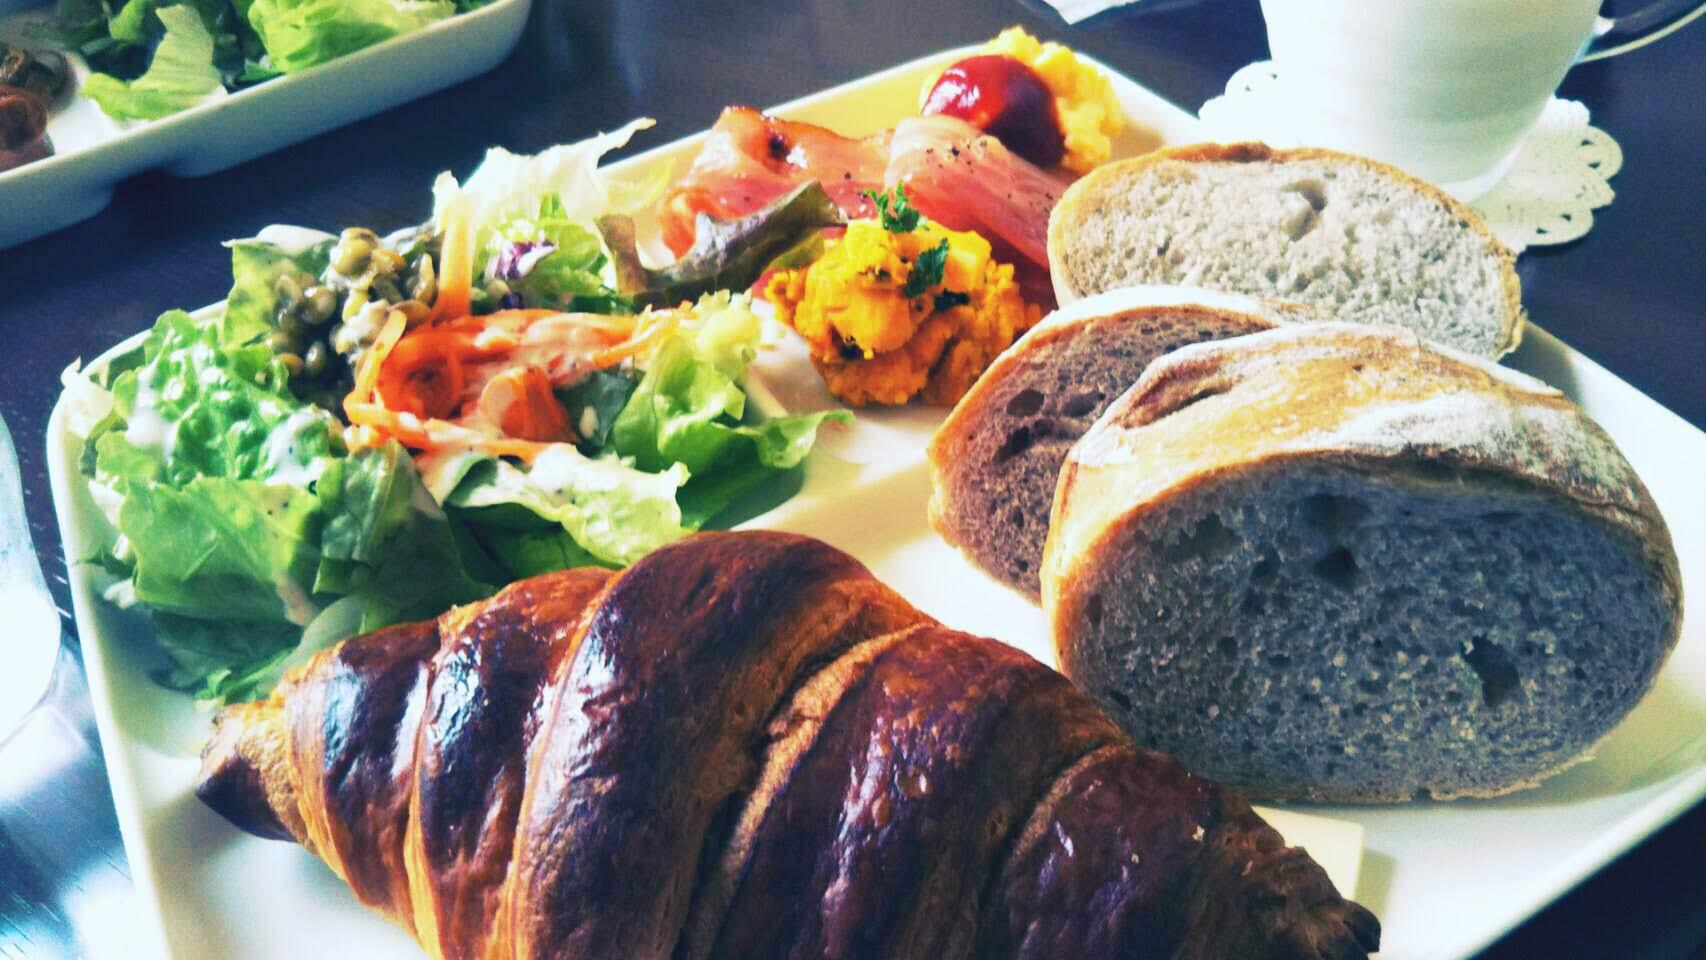 函館Cafe&Deli MARUSEN(カフェ&デリ マルセン)で朝食を食べてみた!